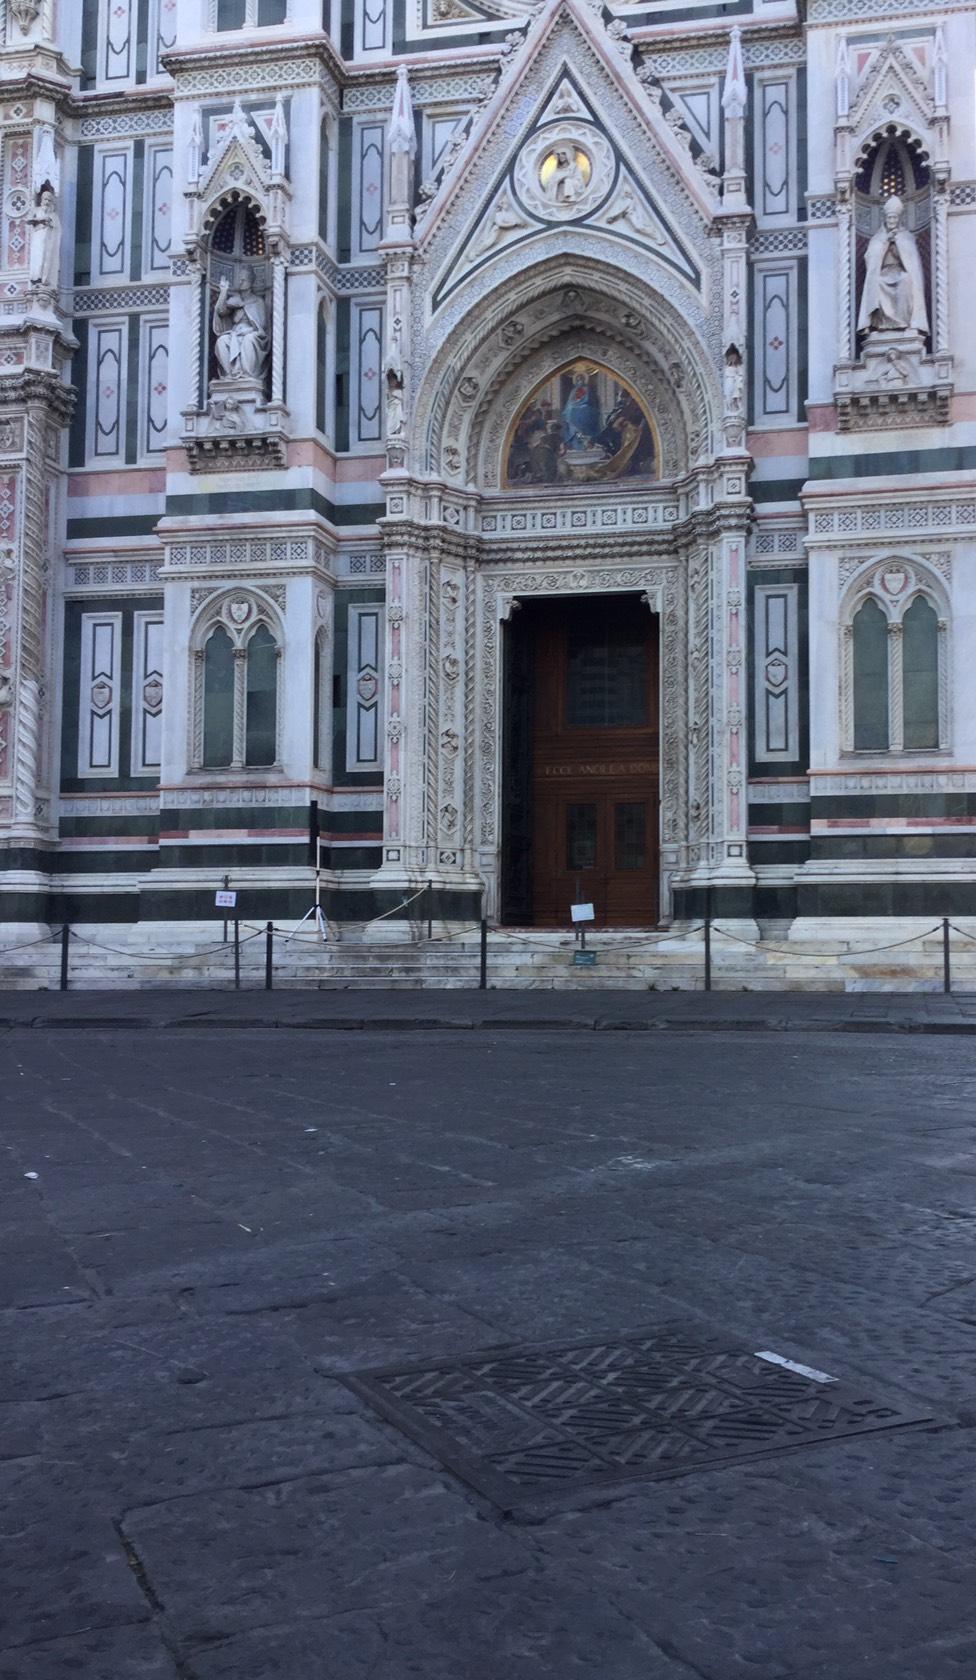 ITALY イタリア_f0159711_1532973.jpg